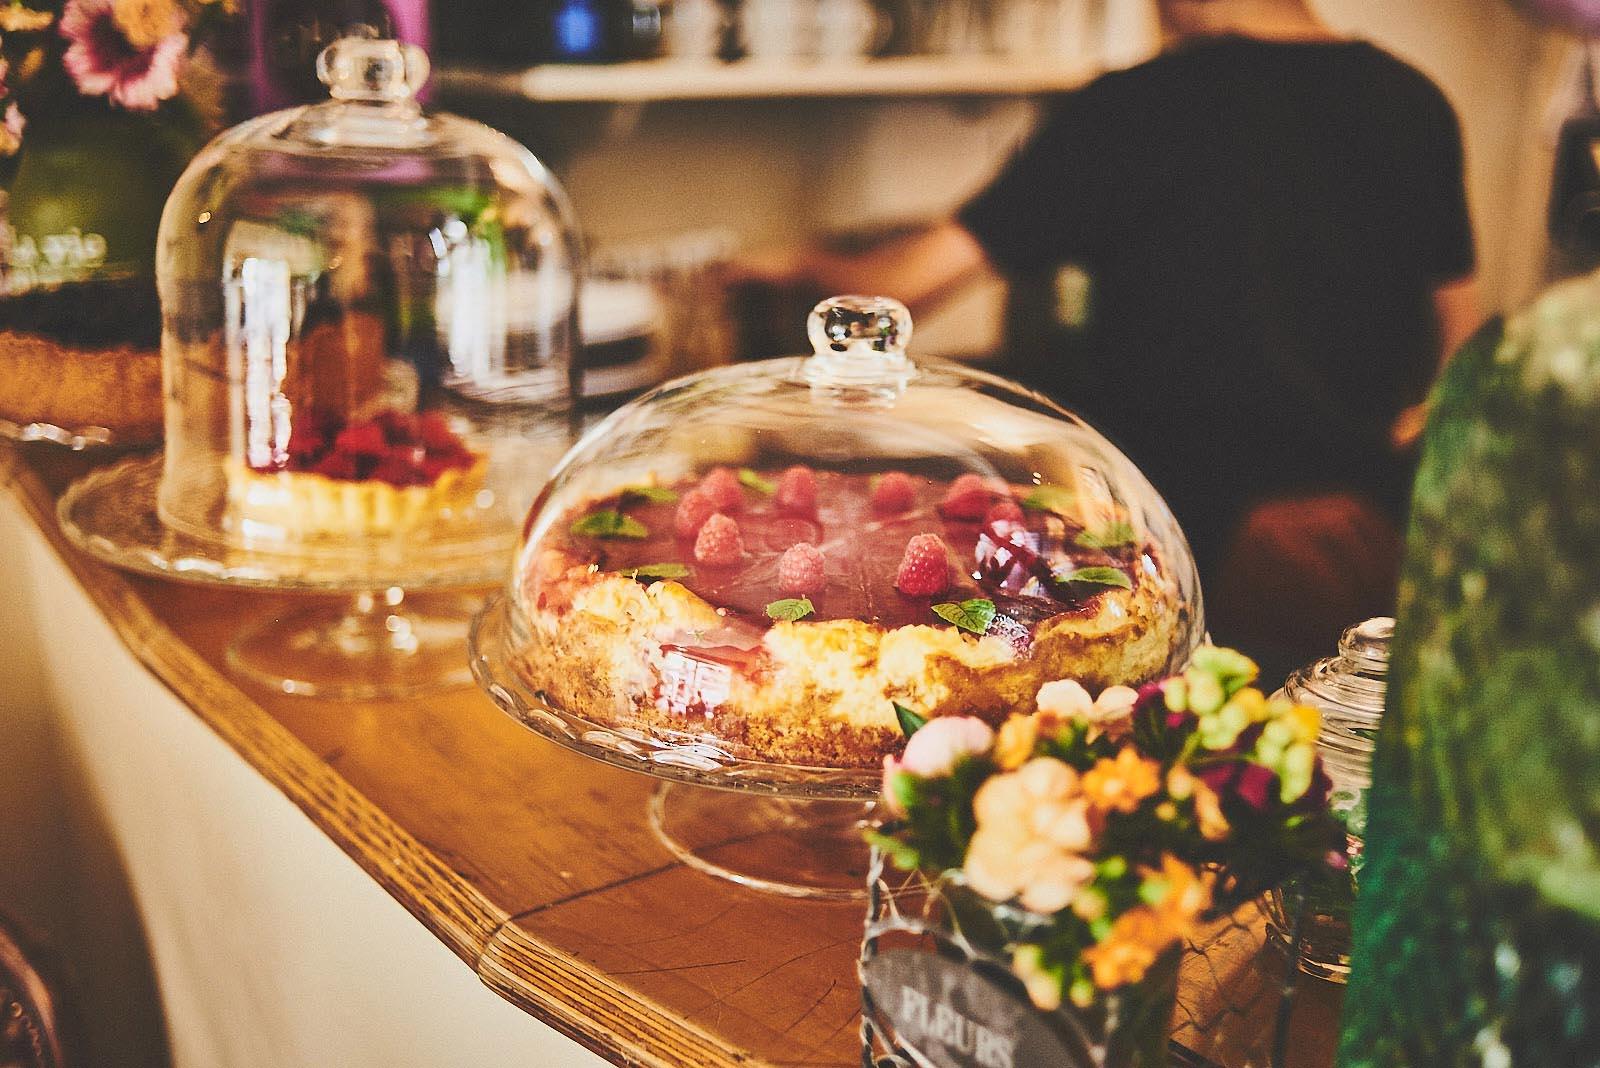 Kuchen unter Glasglocken auf der Theke im Cafe Pfefferminzje in Koblenz - Foodfotografie von Anna Schneider neon fotografie